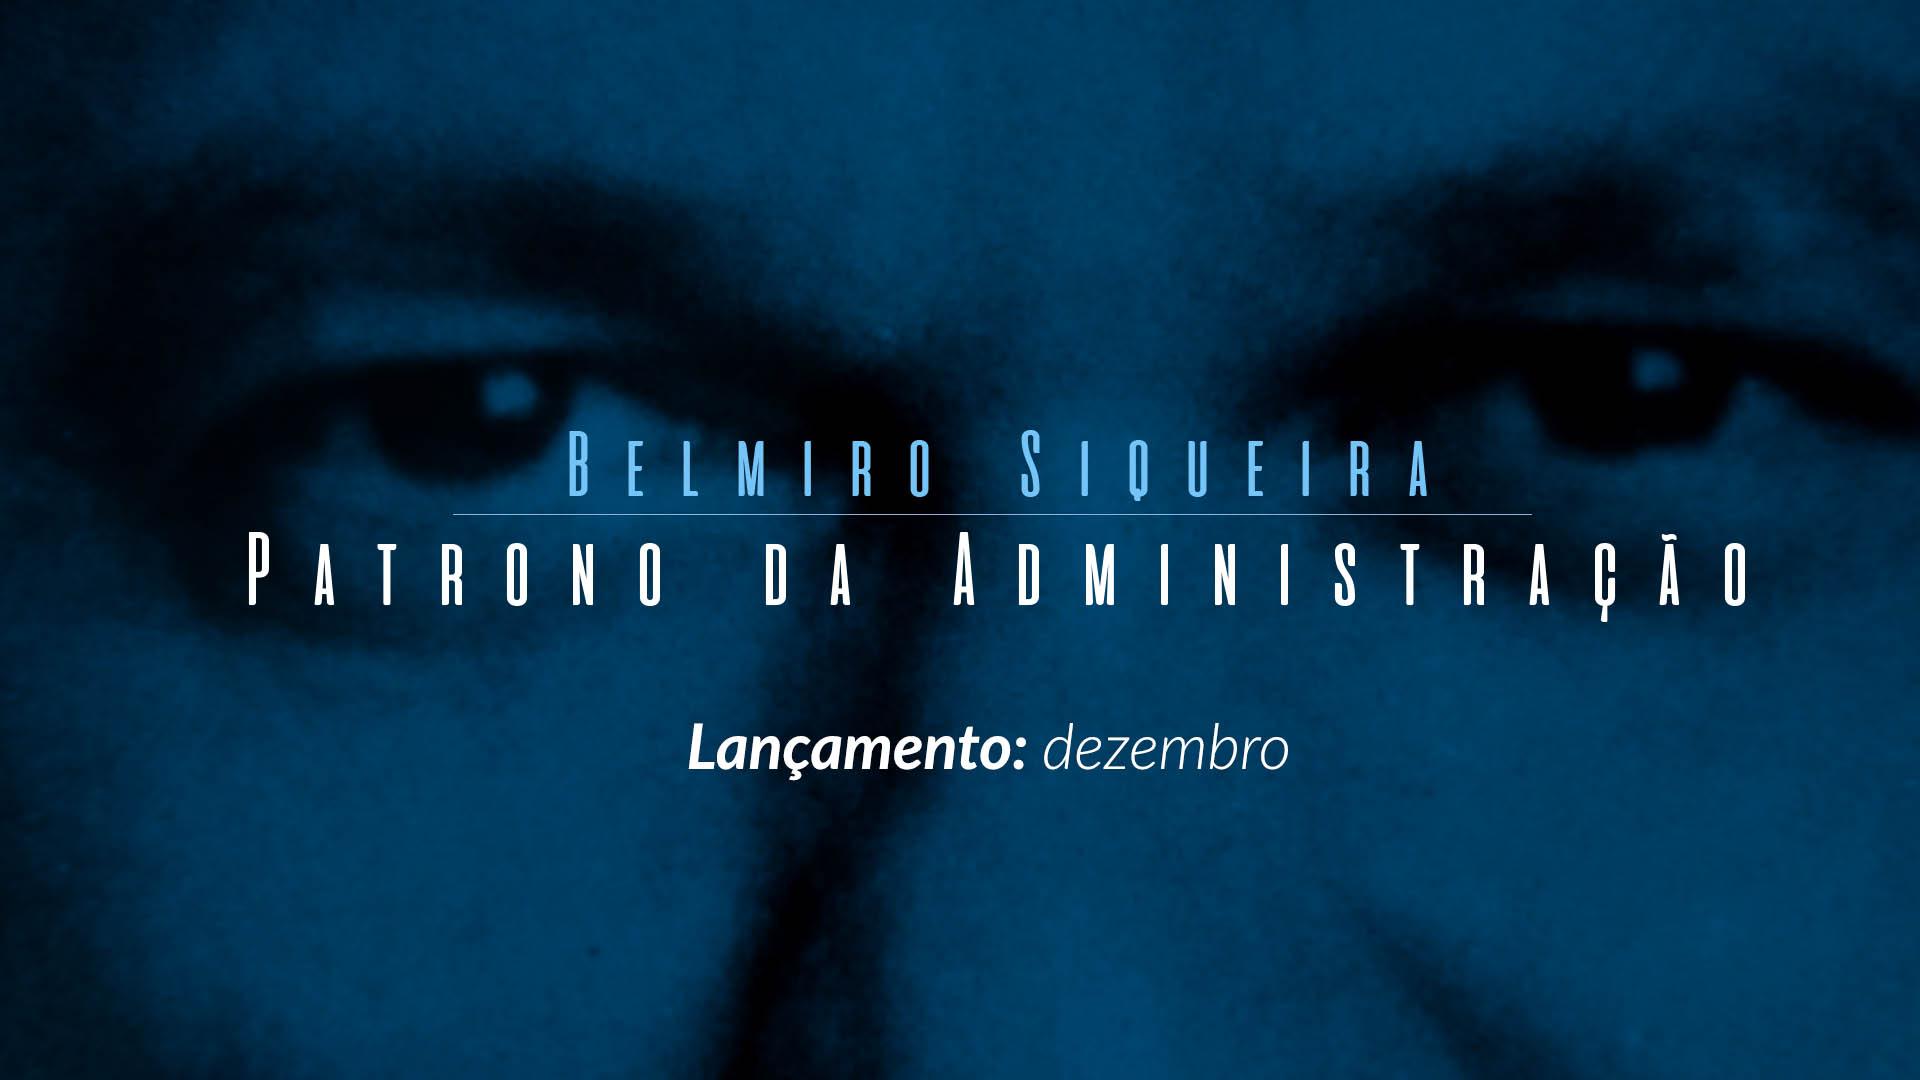 CFA lança biografia e documentário sobre Belmiro Siqueira